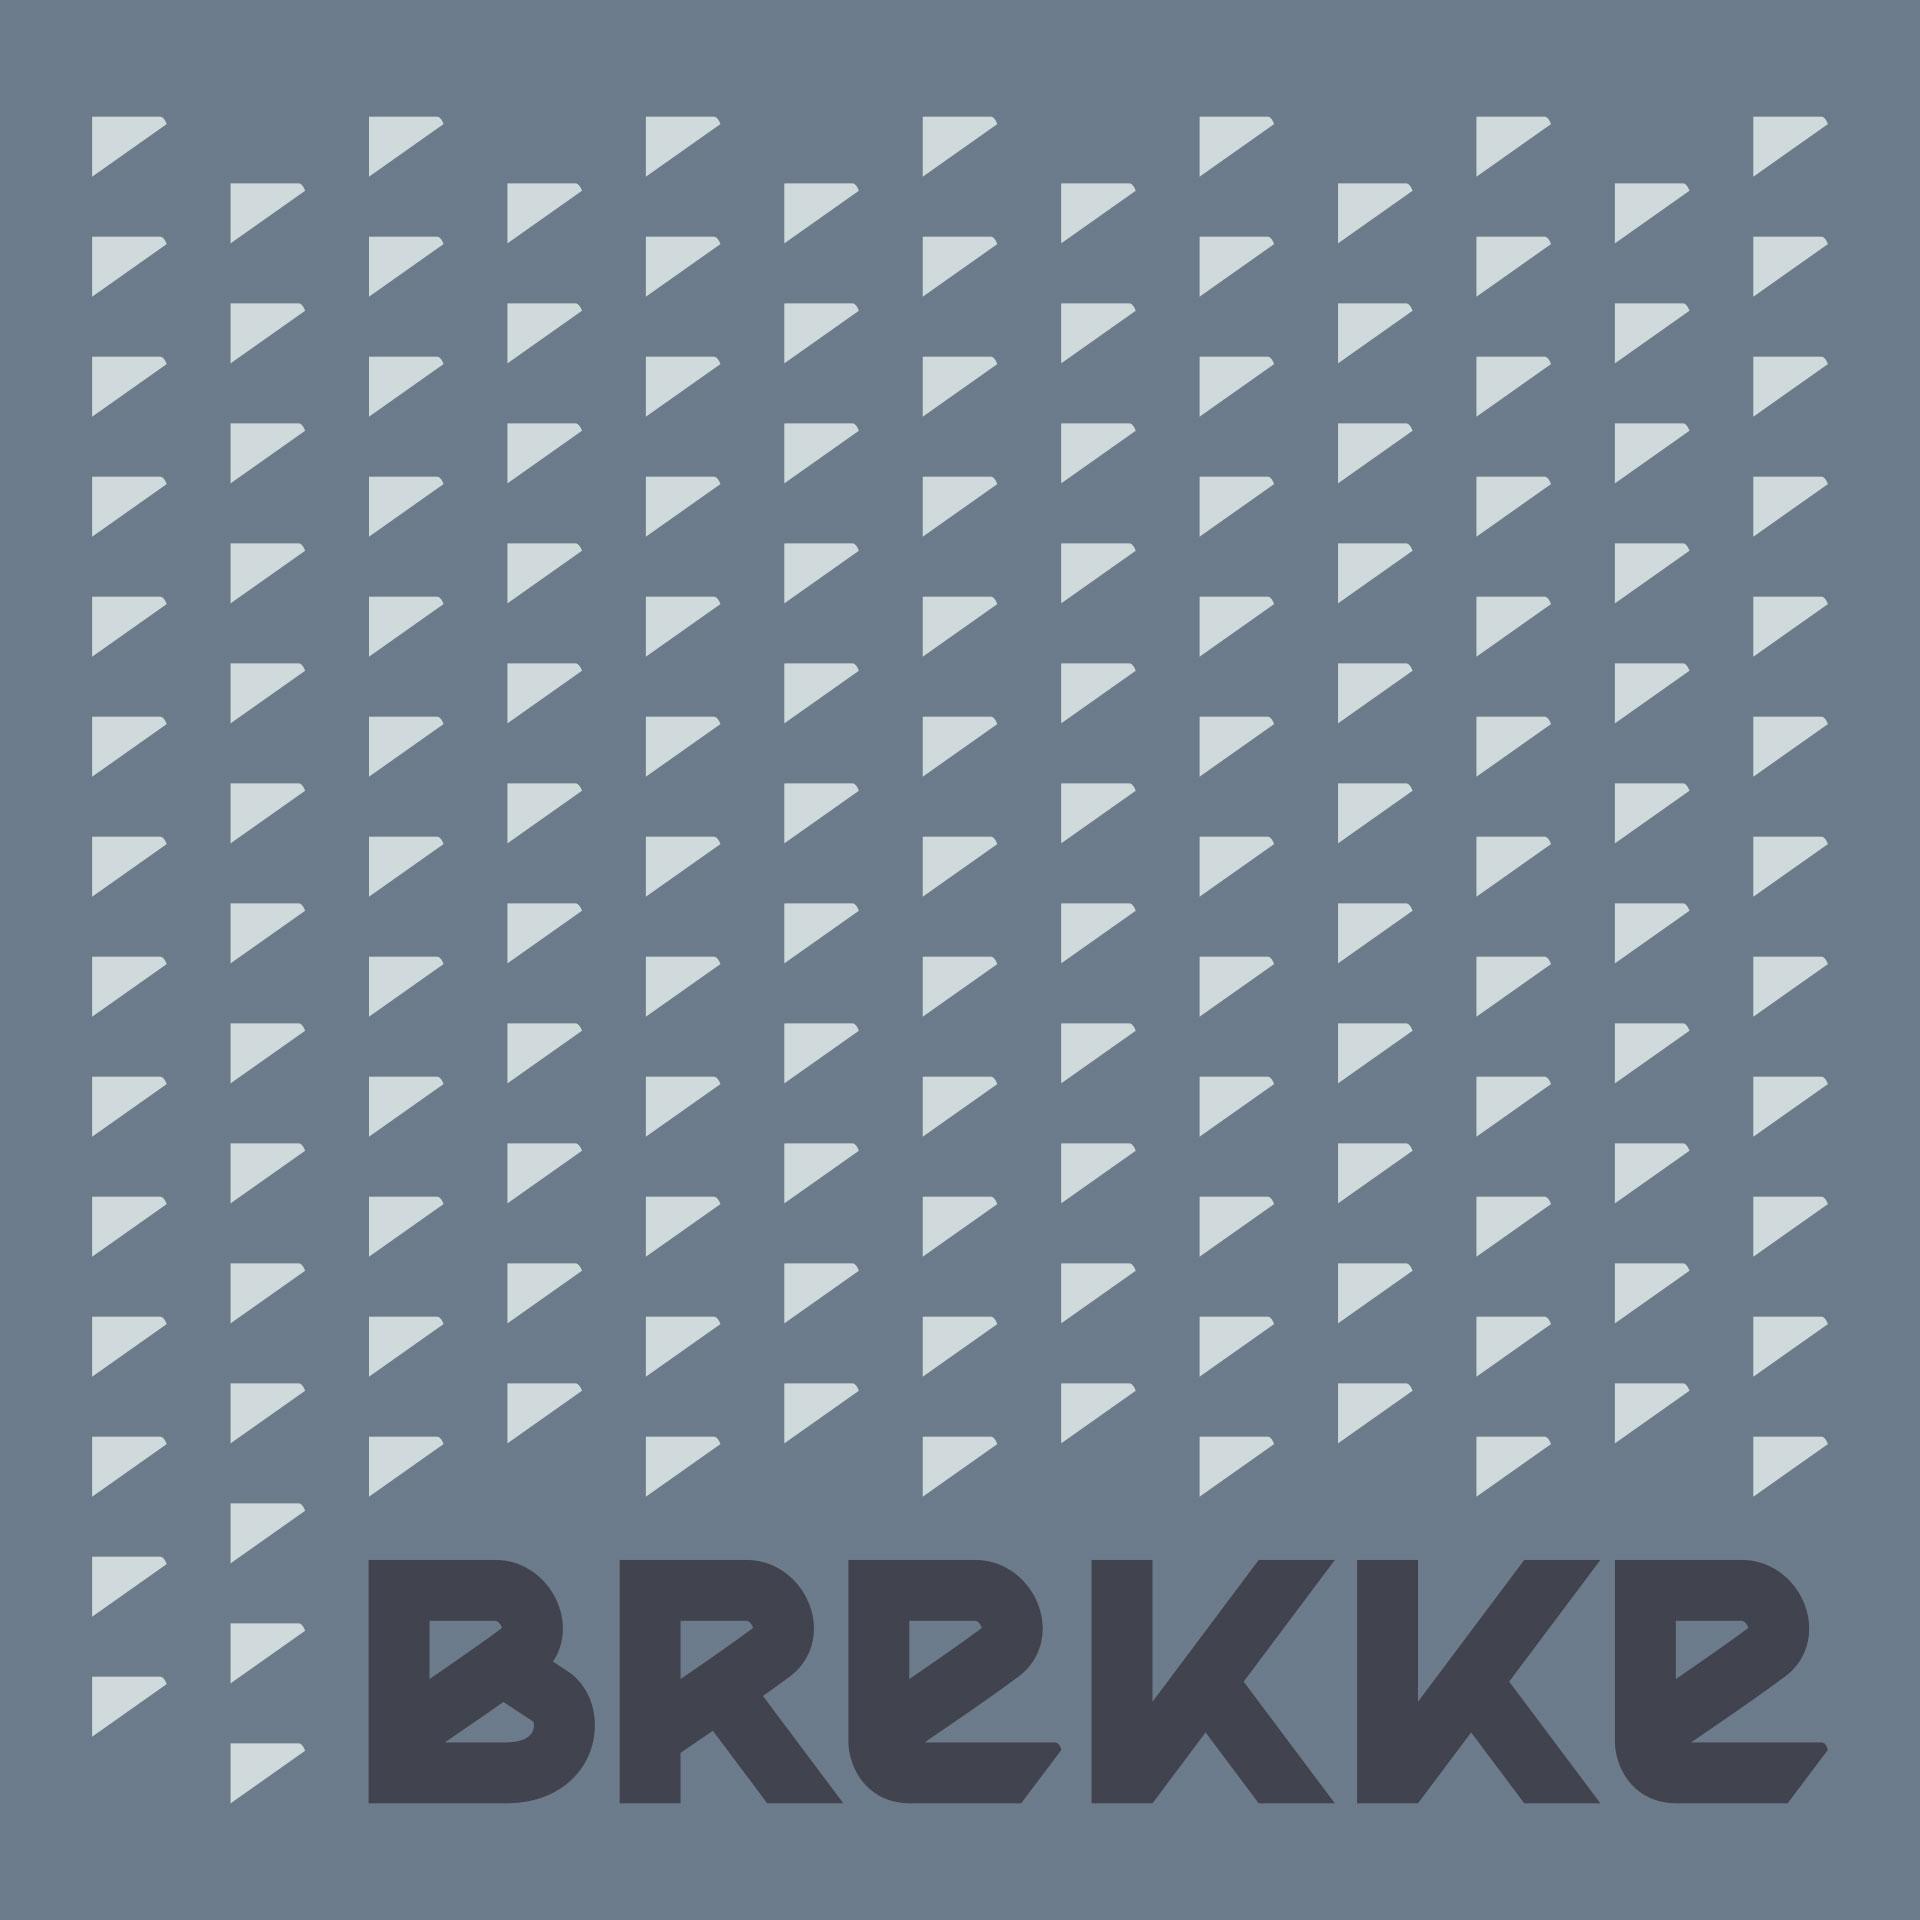 brekke-03b.jpg